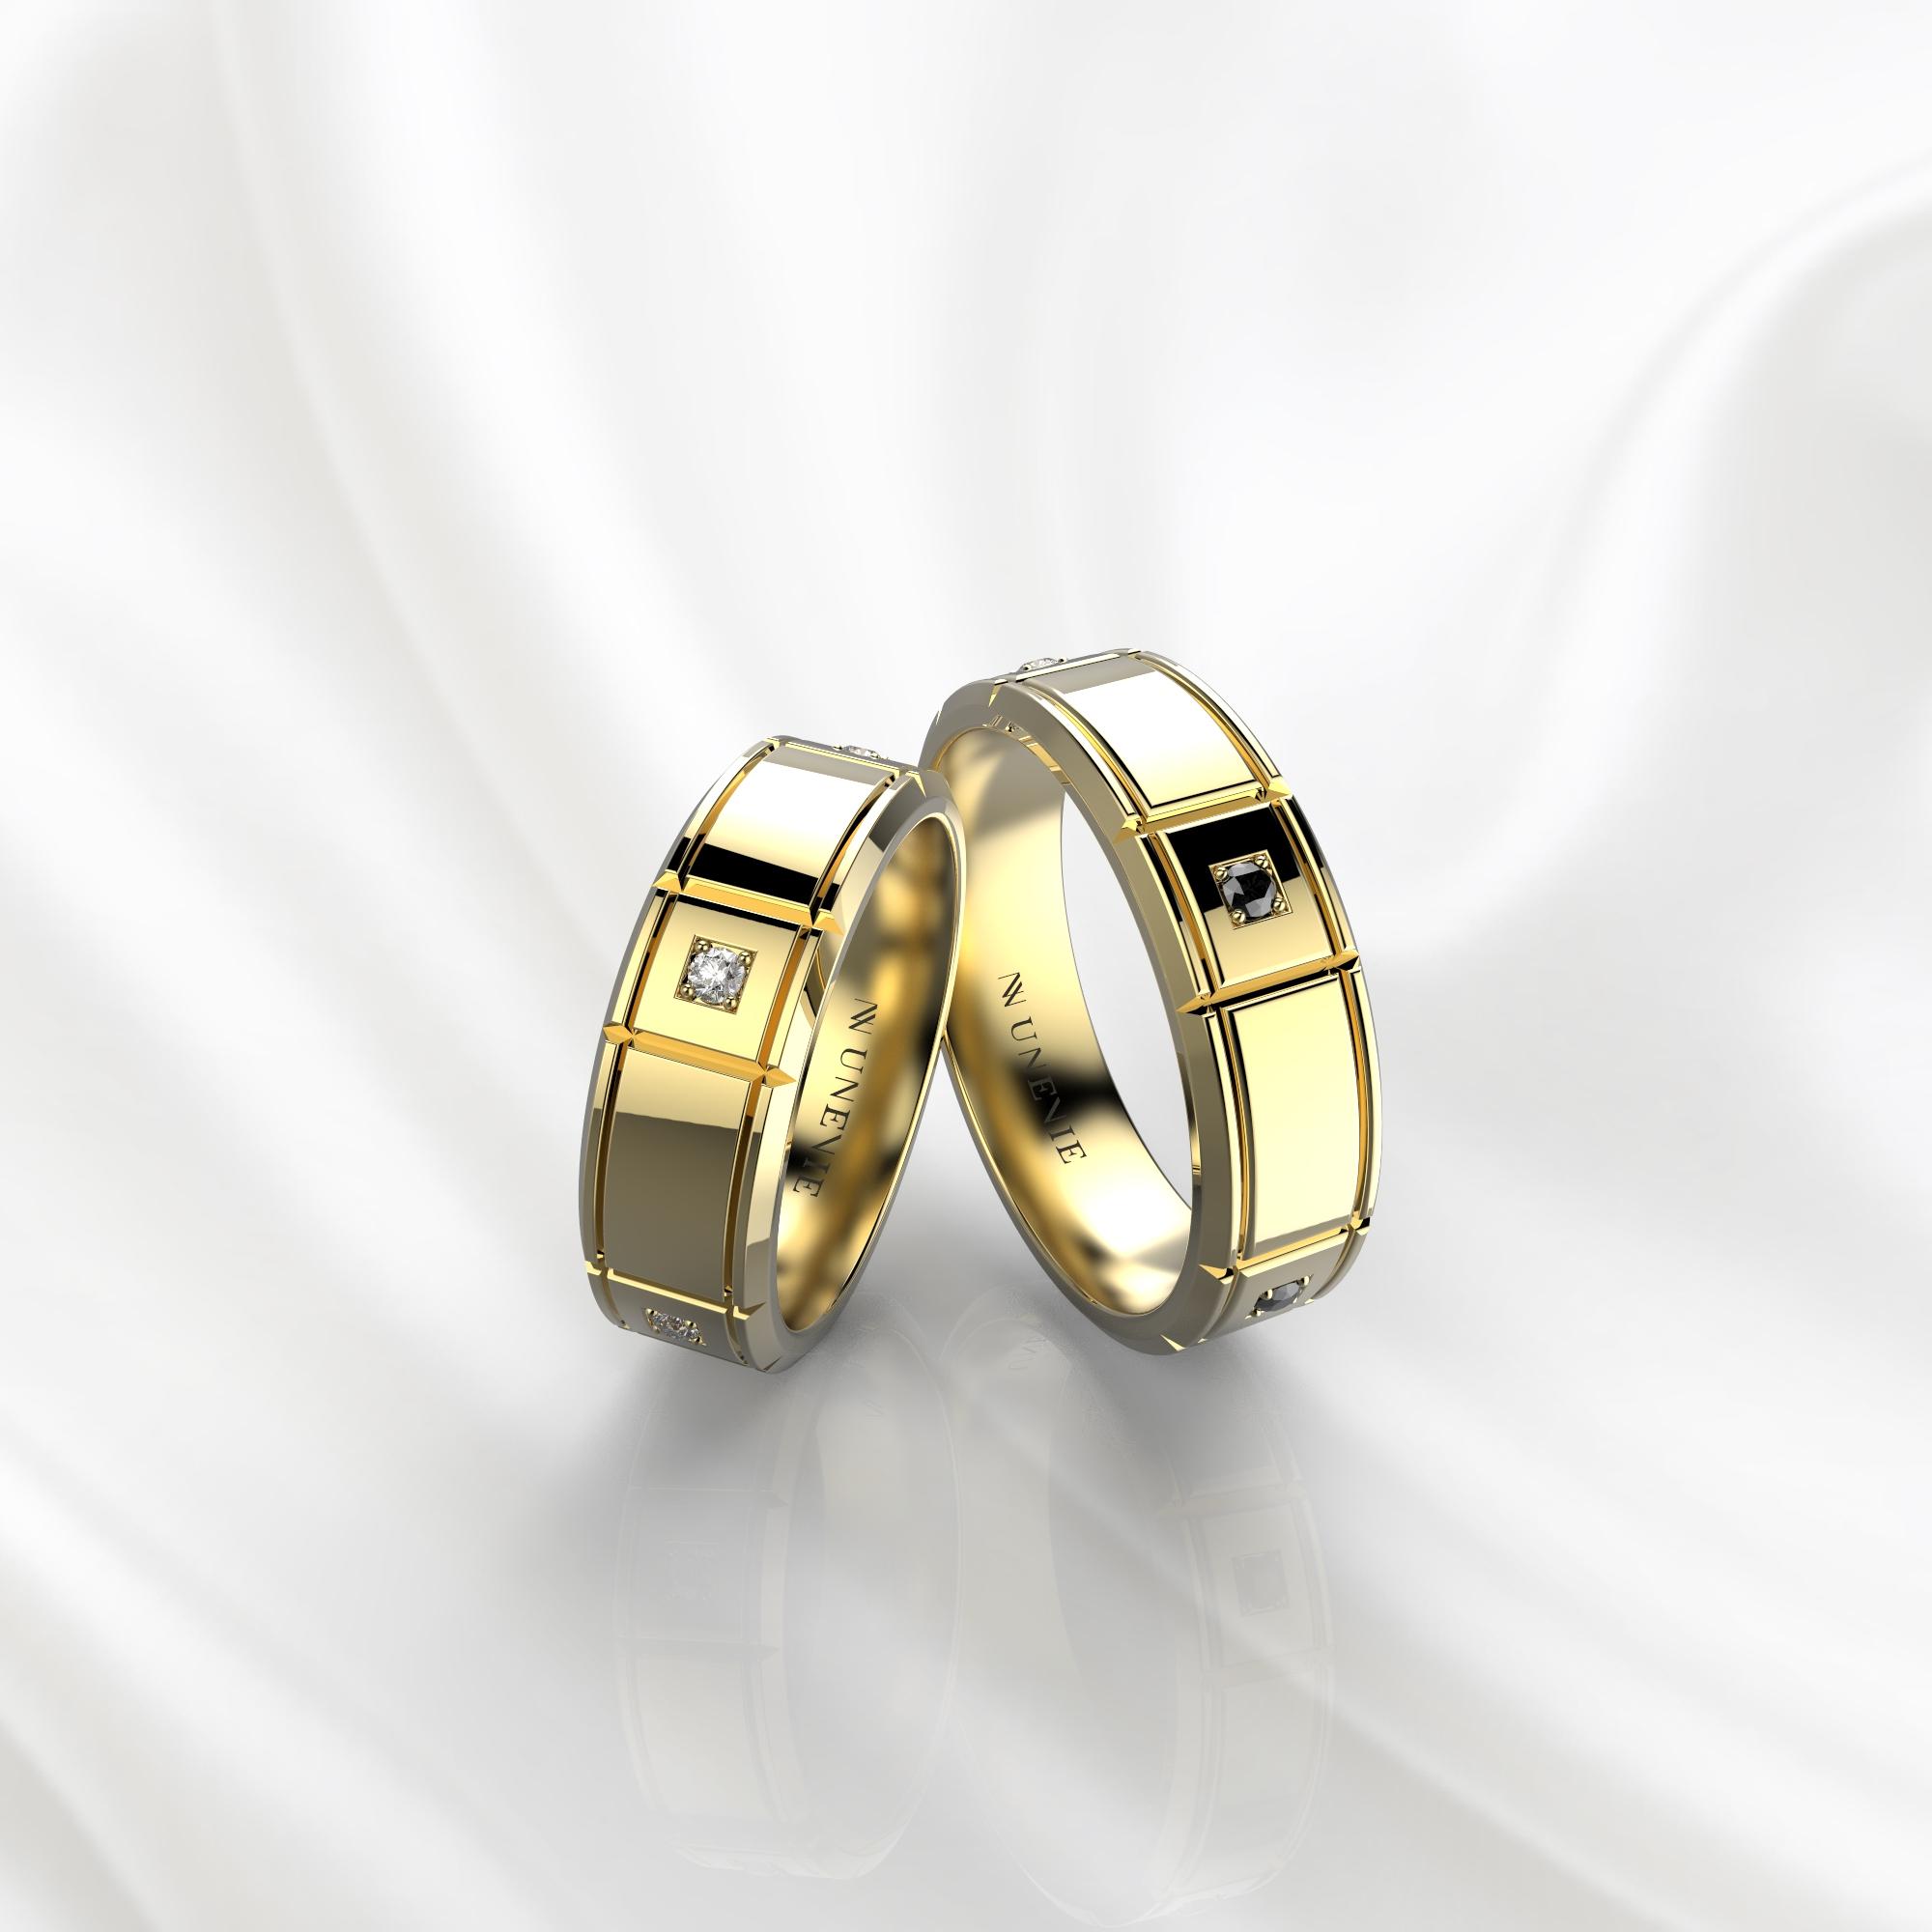 NV76 Парные обручальные кольца из желтого золота с черными бриллиантами